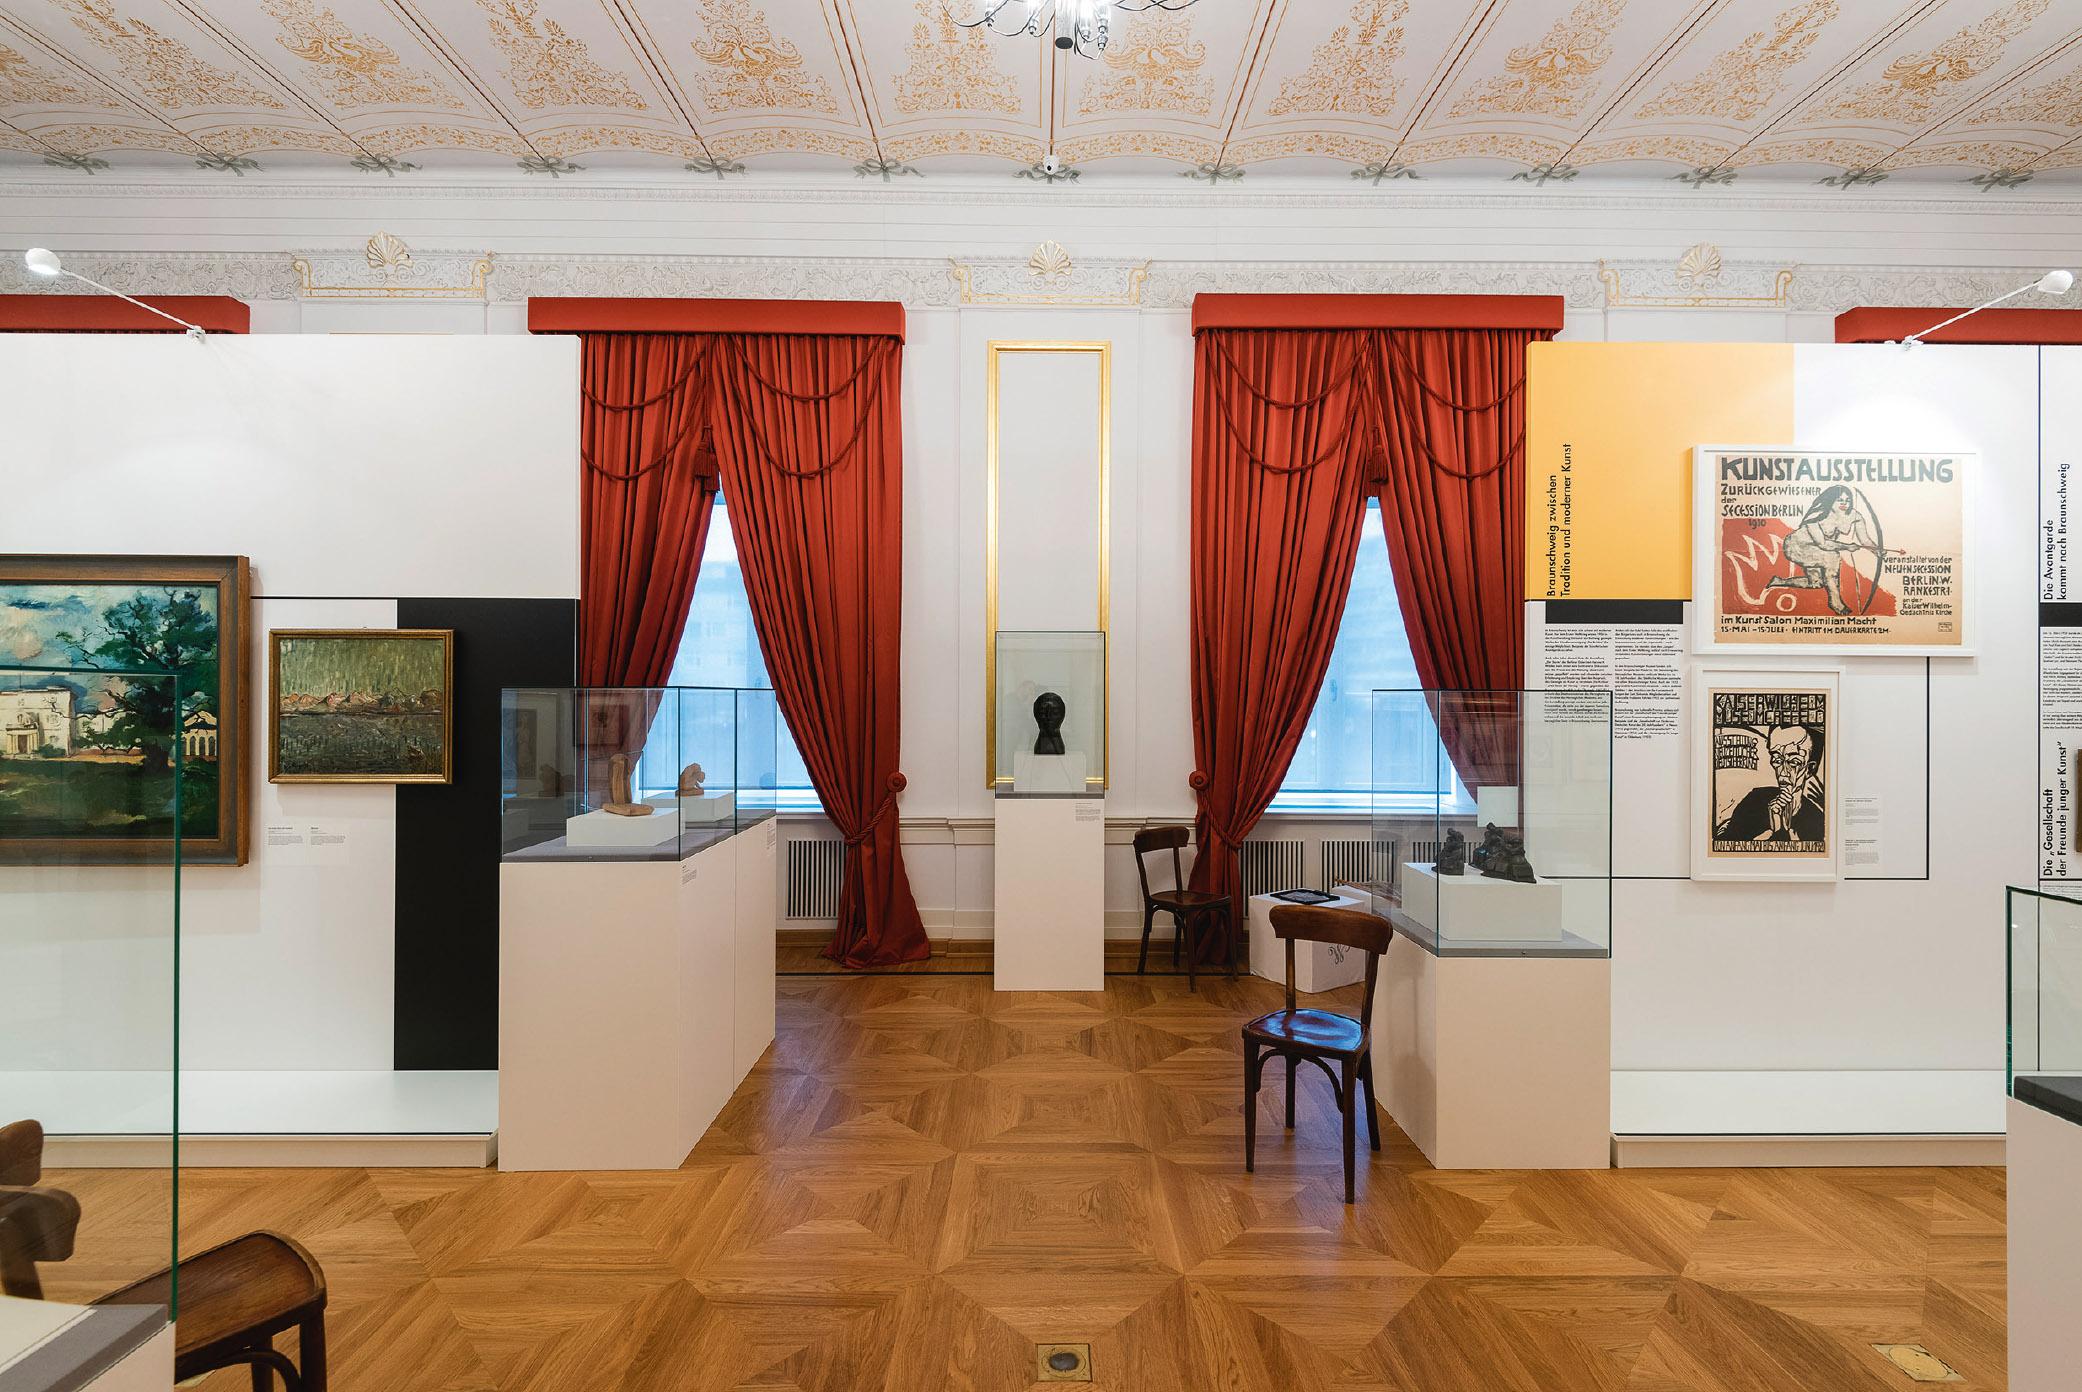 Das flexible Mila-wall Stellwandsystem vom MBA in einer Ausstellung im Schlossmuseum Braunschweig